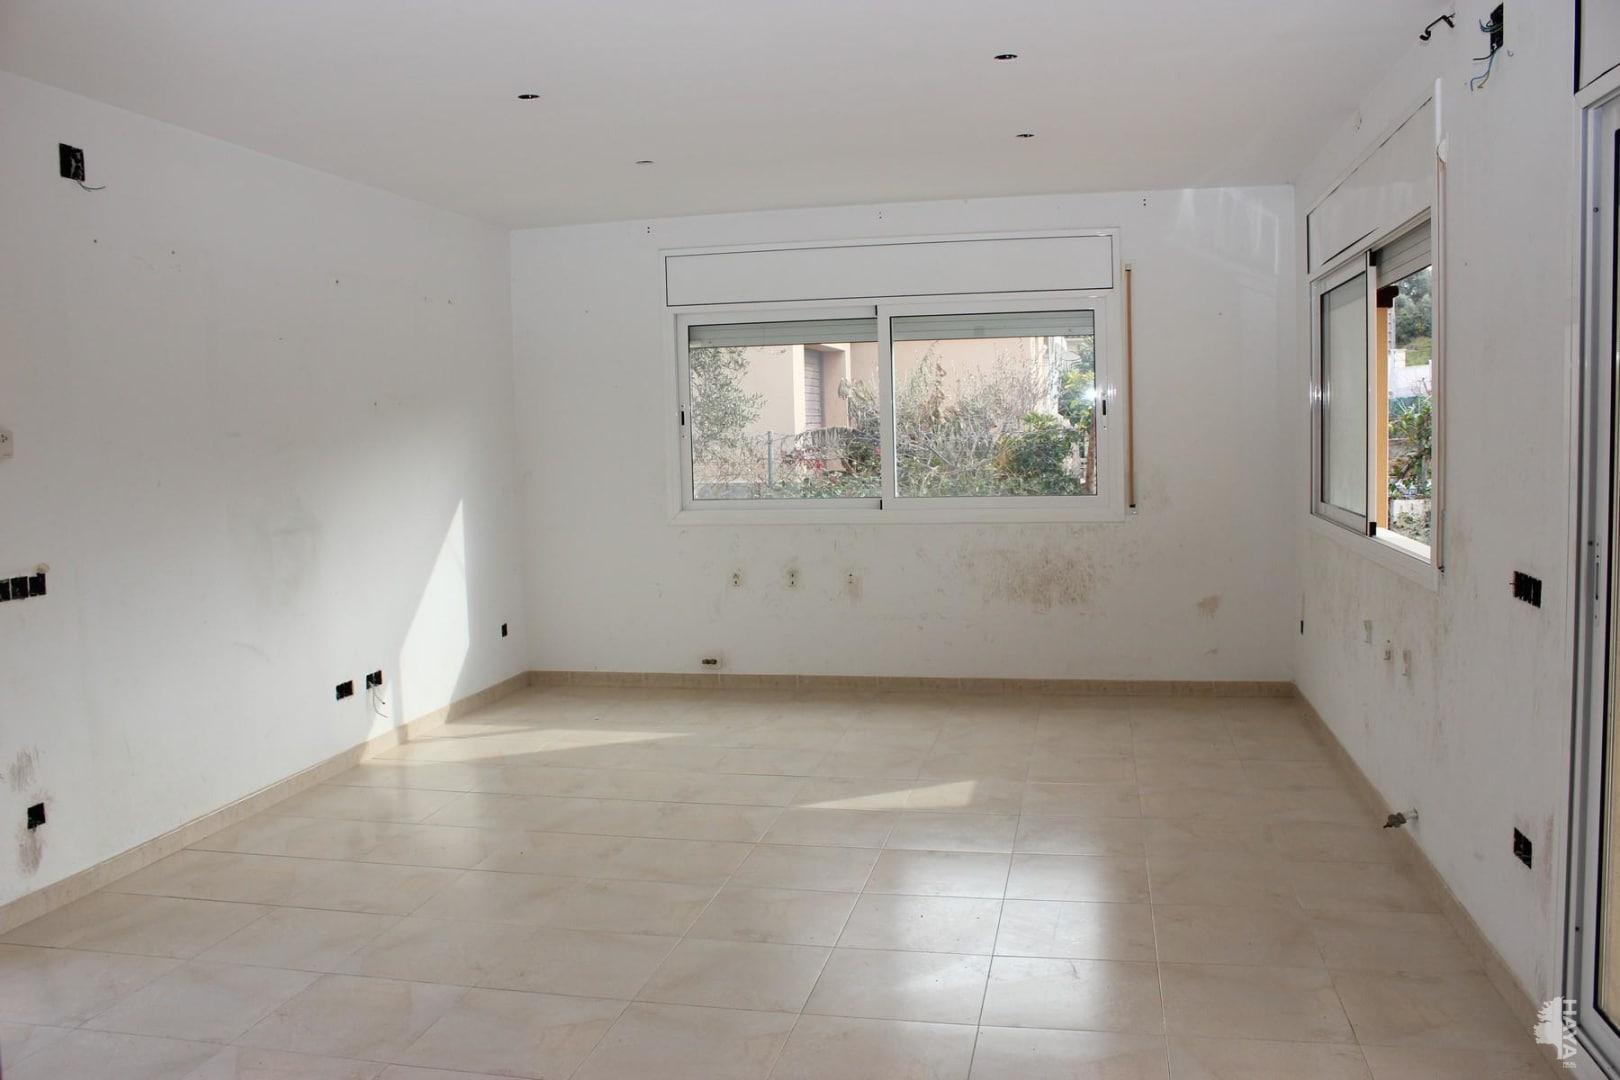 Casa en venta en La Muntanyeta, El Vendrell, Tarragona, Calle Comtes de Barcelona, 230.000 €, 3 habitaciones, 2 baños, 221 m2